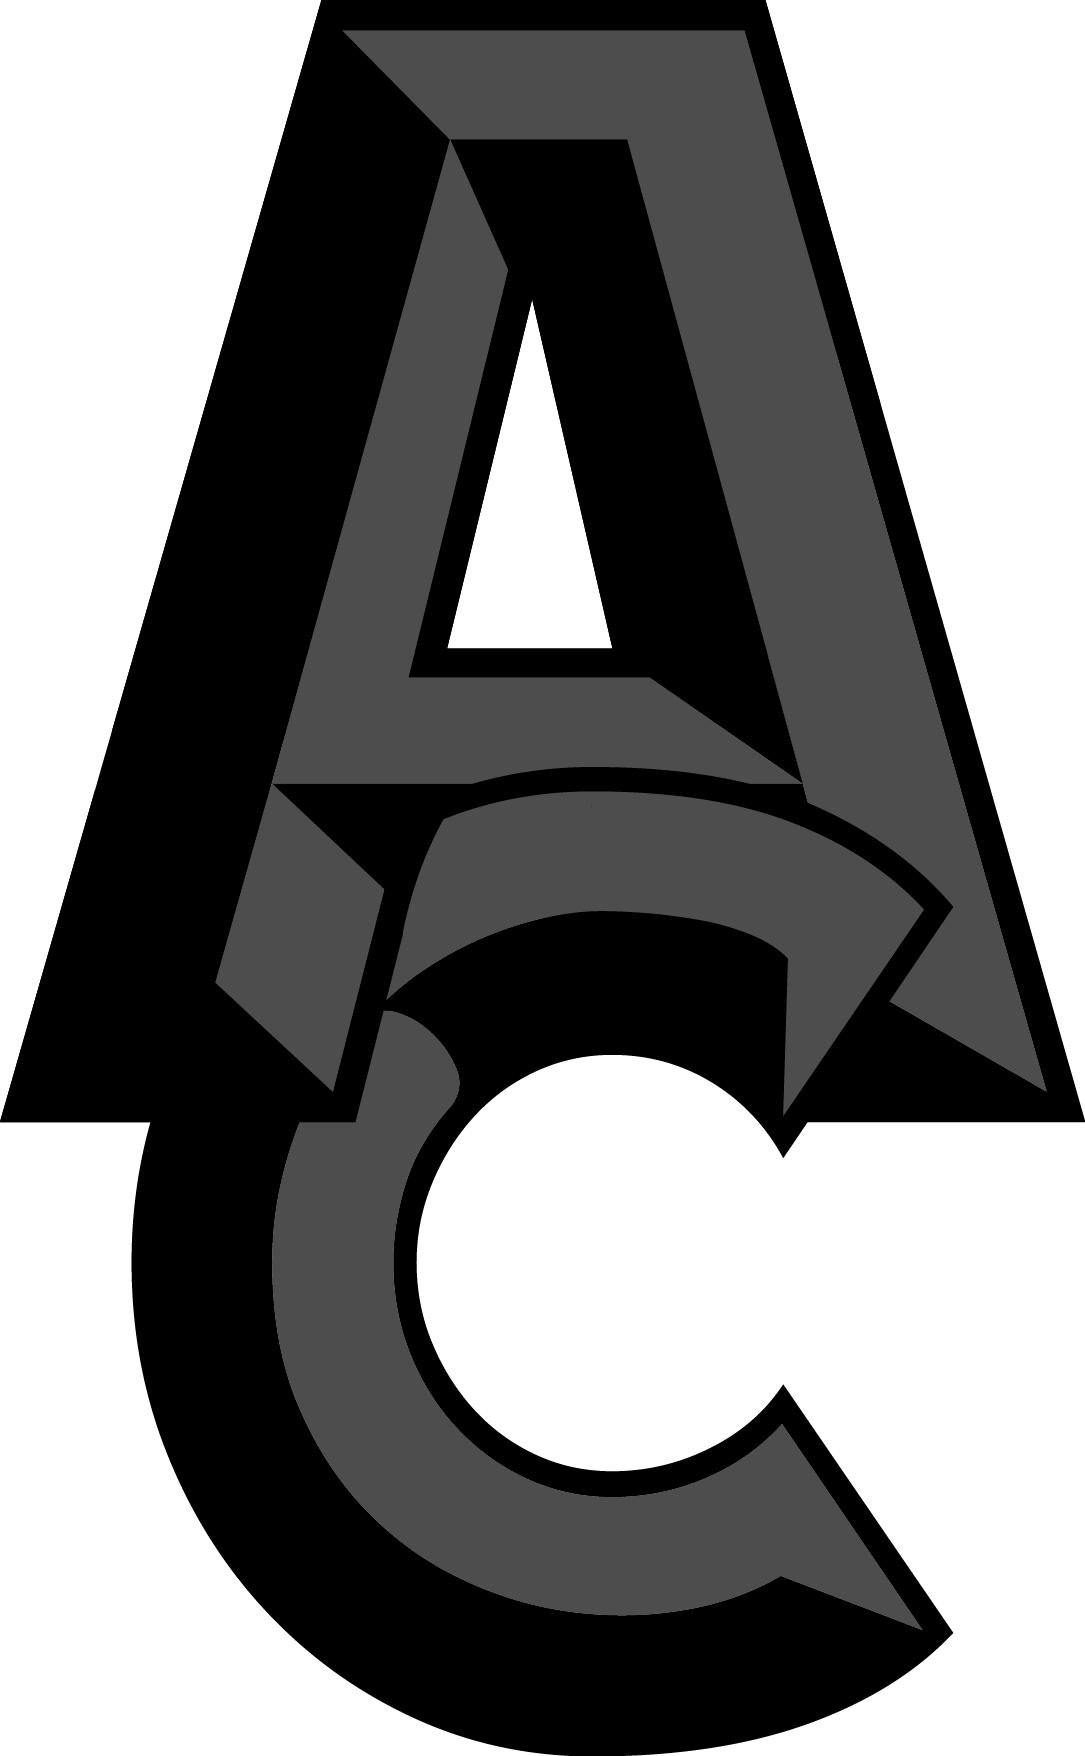 andrecostaphotos